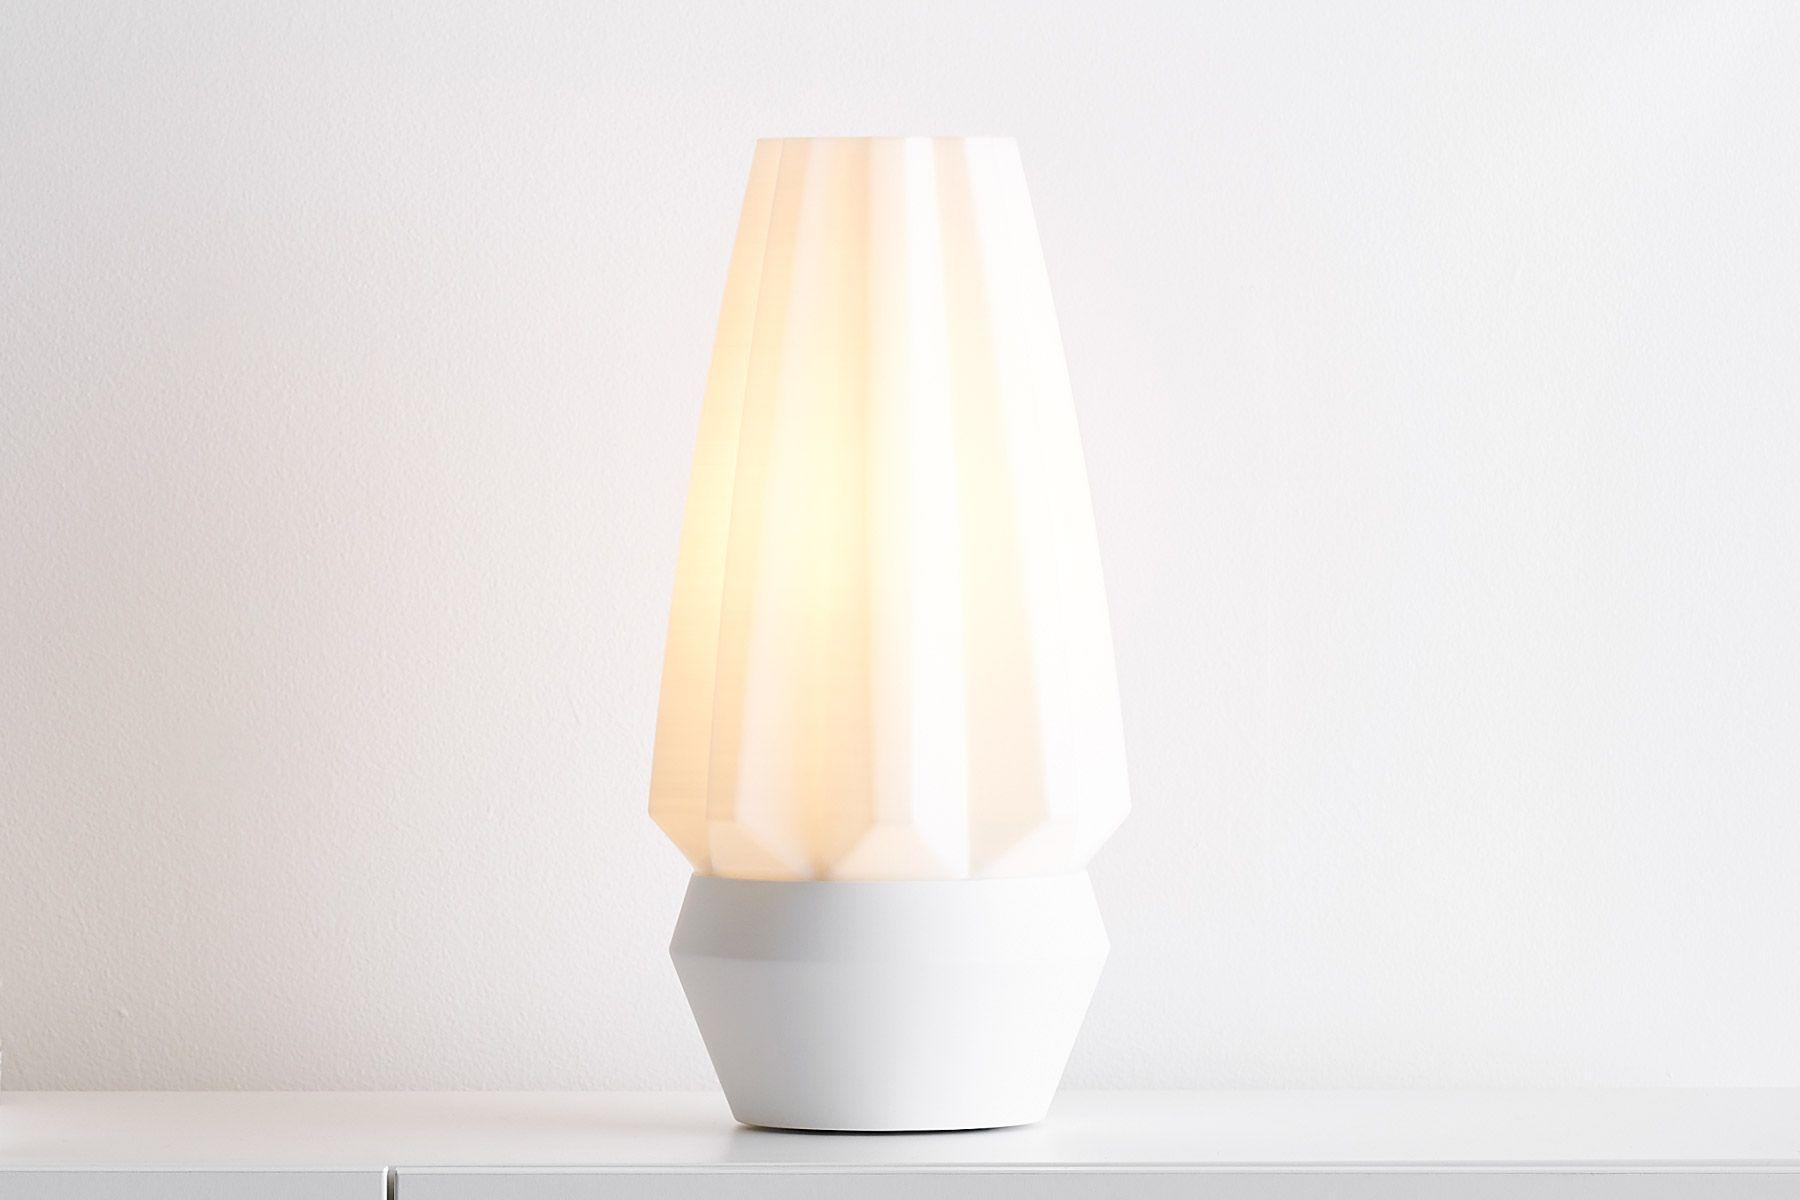 پرینت سه بعدی لامپ رومیزی